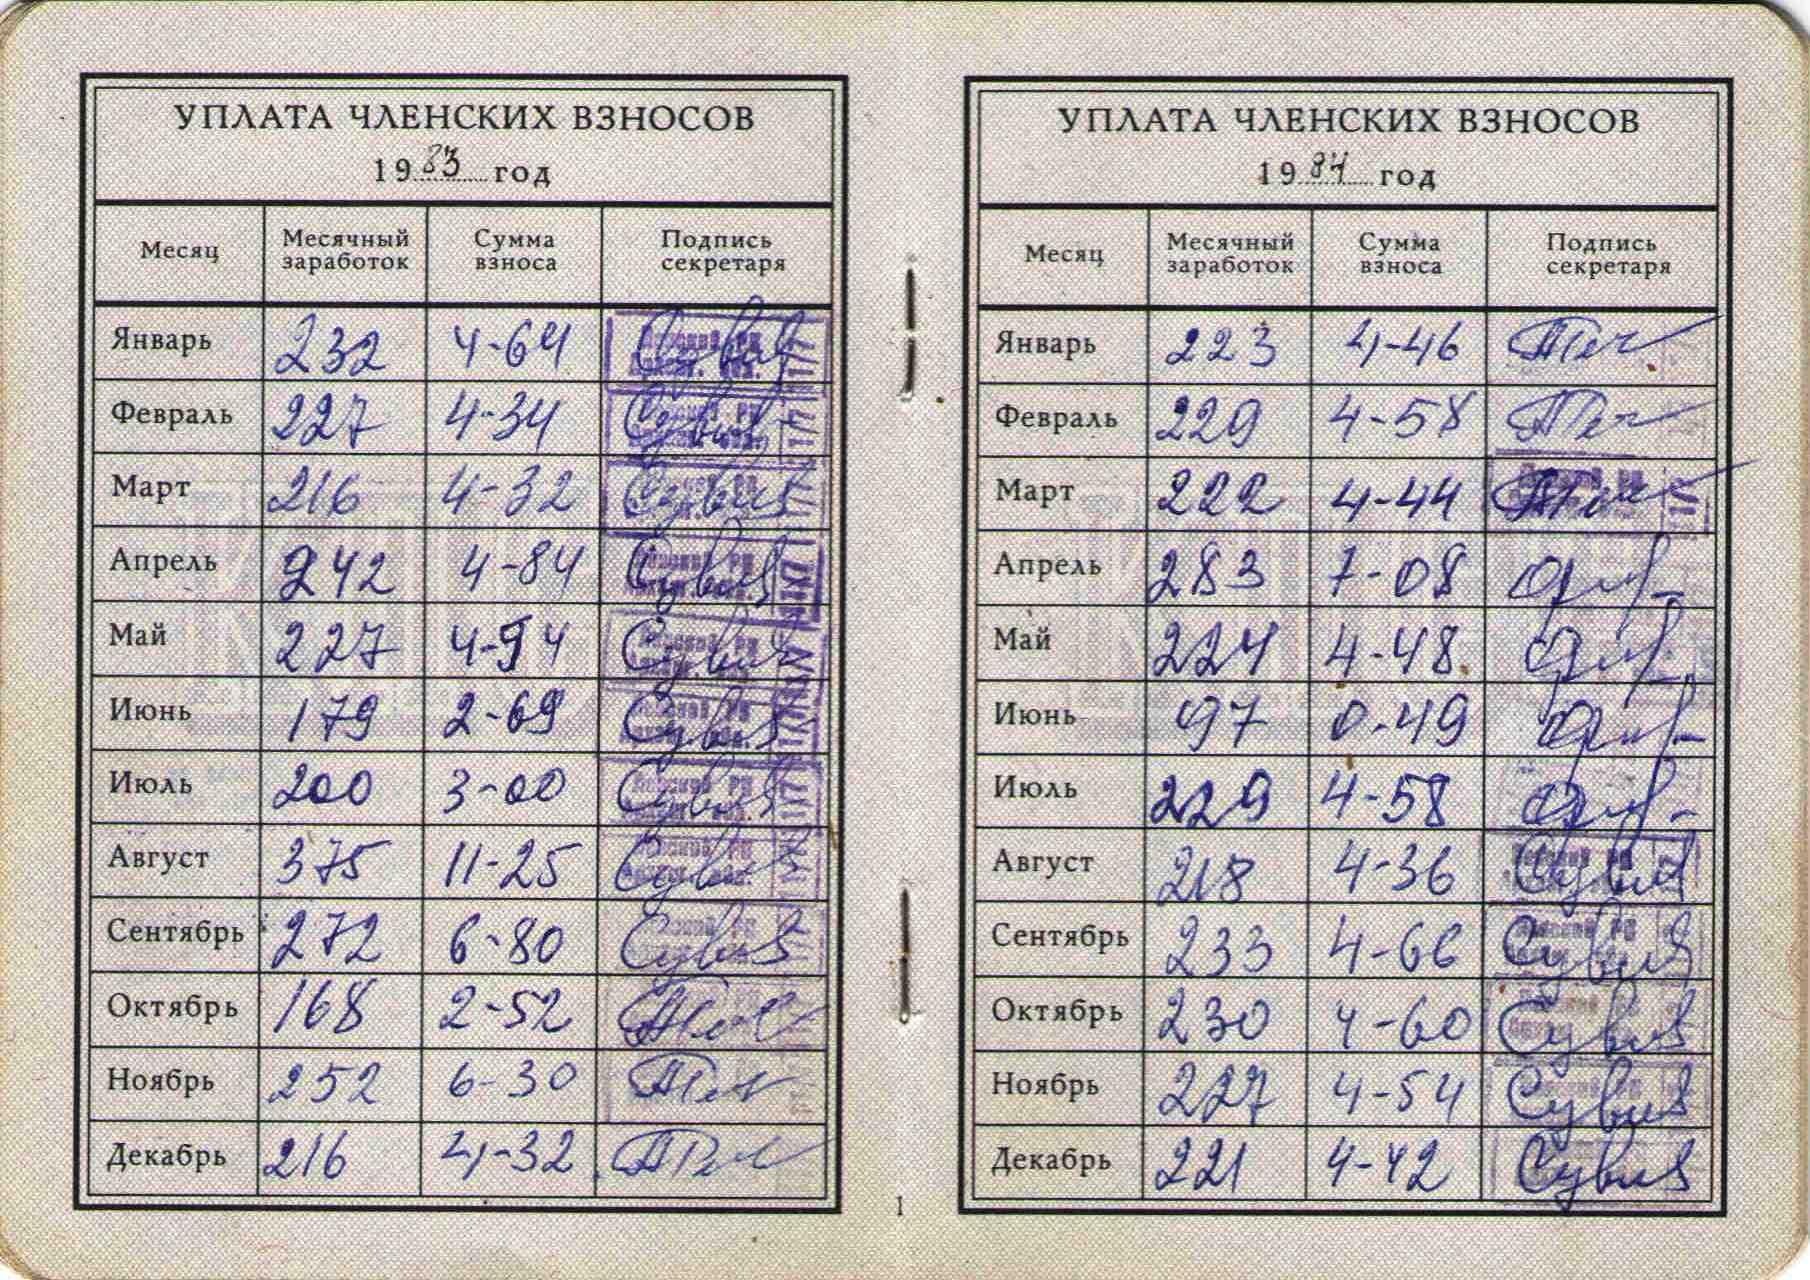 72. Партийный билет Барыкина ПП, 1974